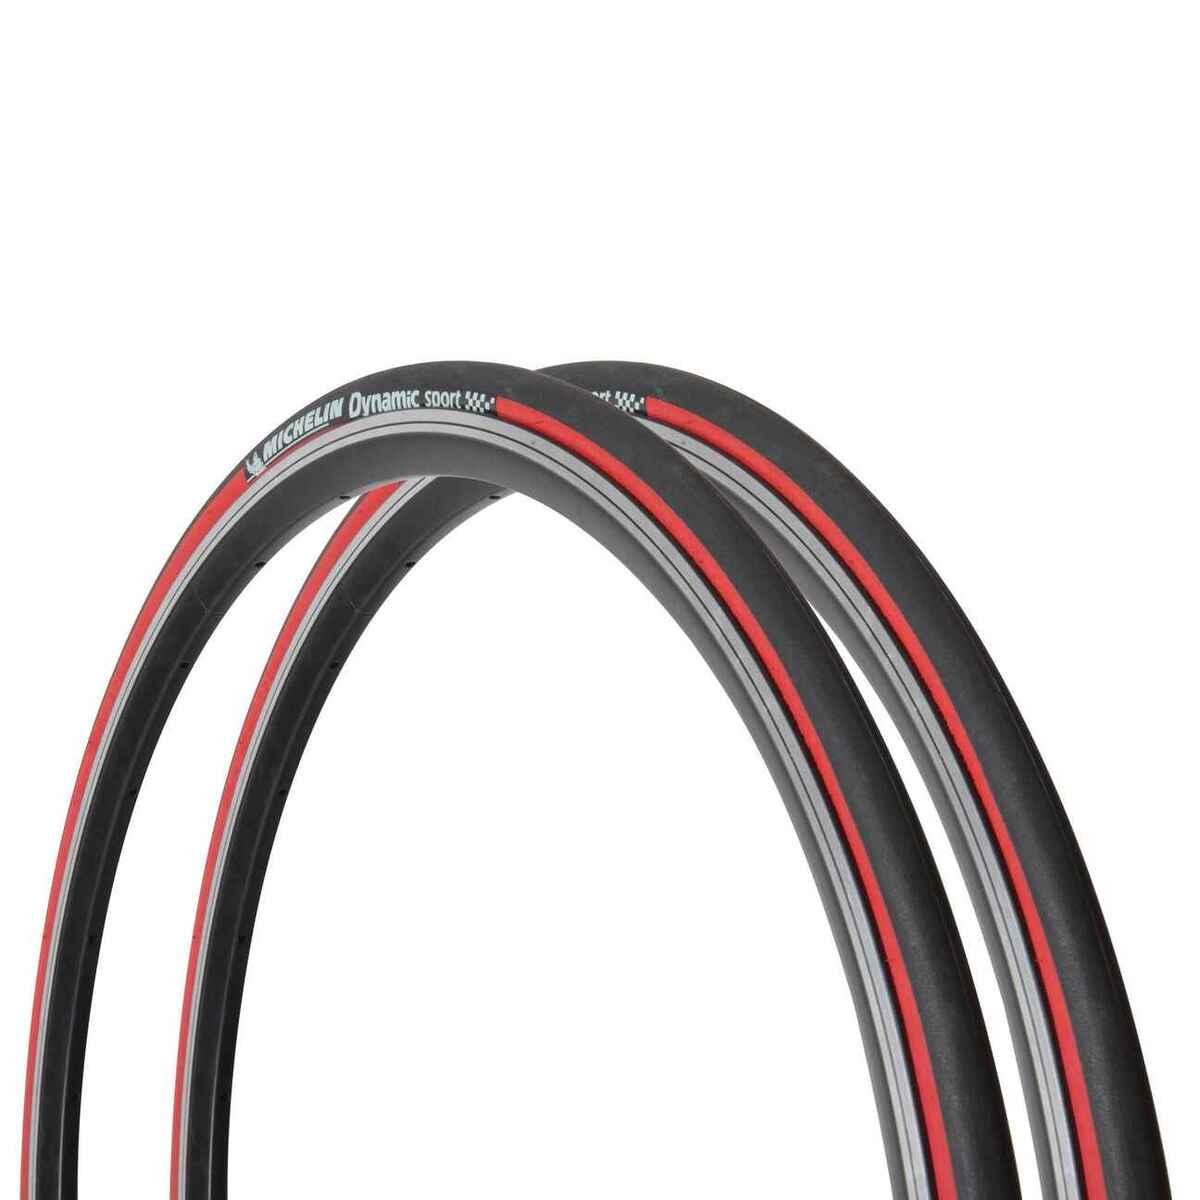 Bild 1 von 2 Drahtreifen Rennrad Dynamic Sport 700x23 (23-622) rot